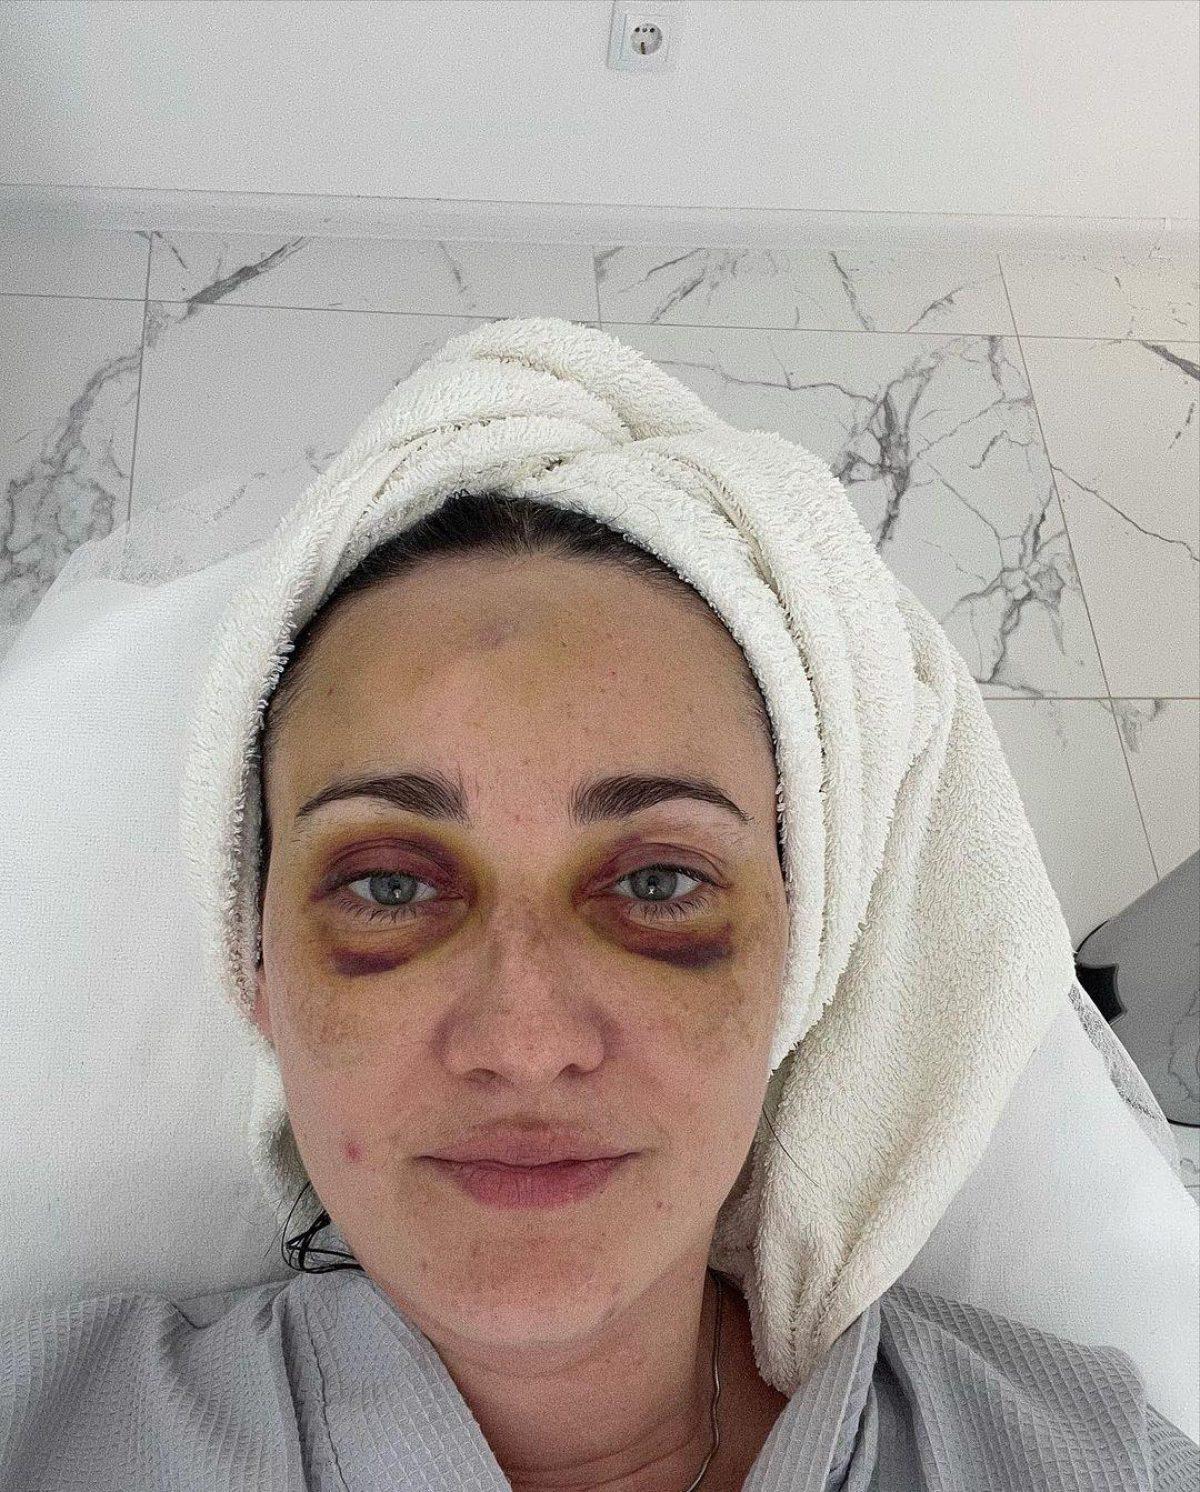 Витвицкая показала ужасные синяки на лице и рассказала о своем самочувствии после ДТП (ФОТО) - фото 3